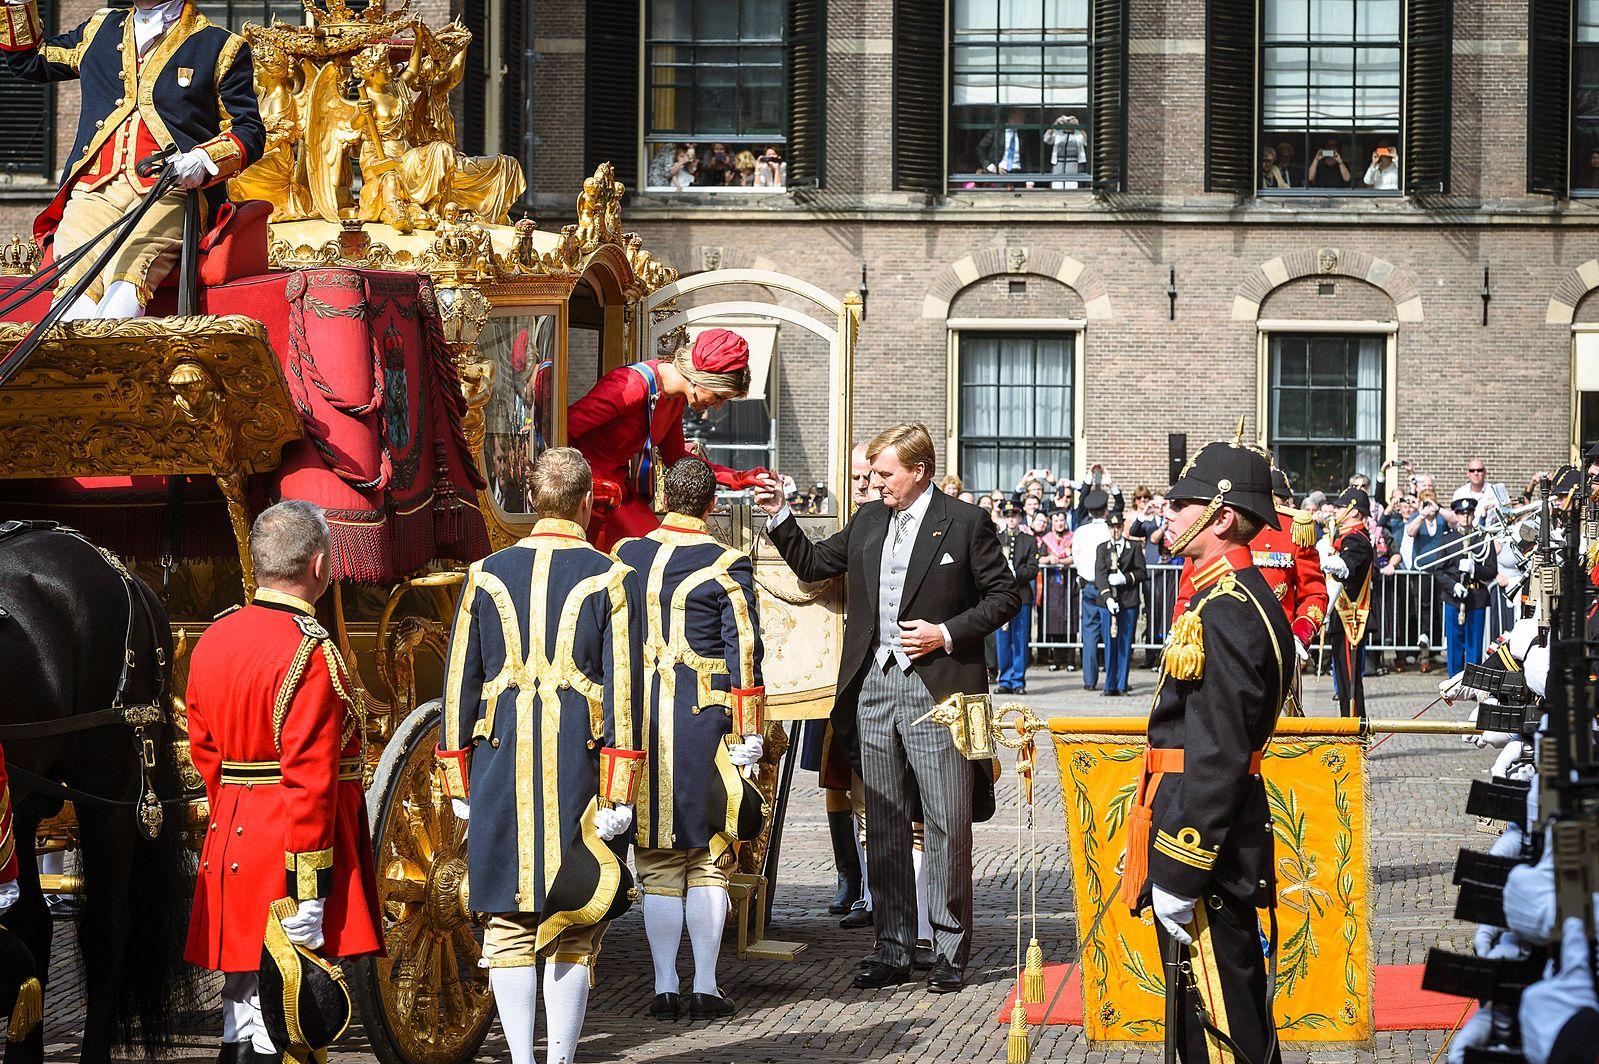 이번주 화요일 (9월 17일), Prisjesdag 네덜란드의 왕을 볼 수 있는 루트